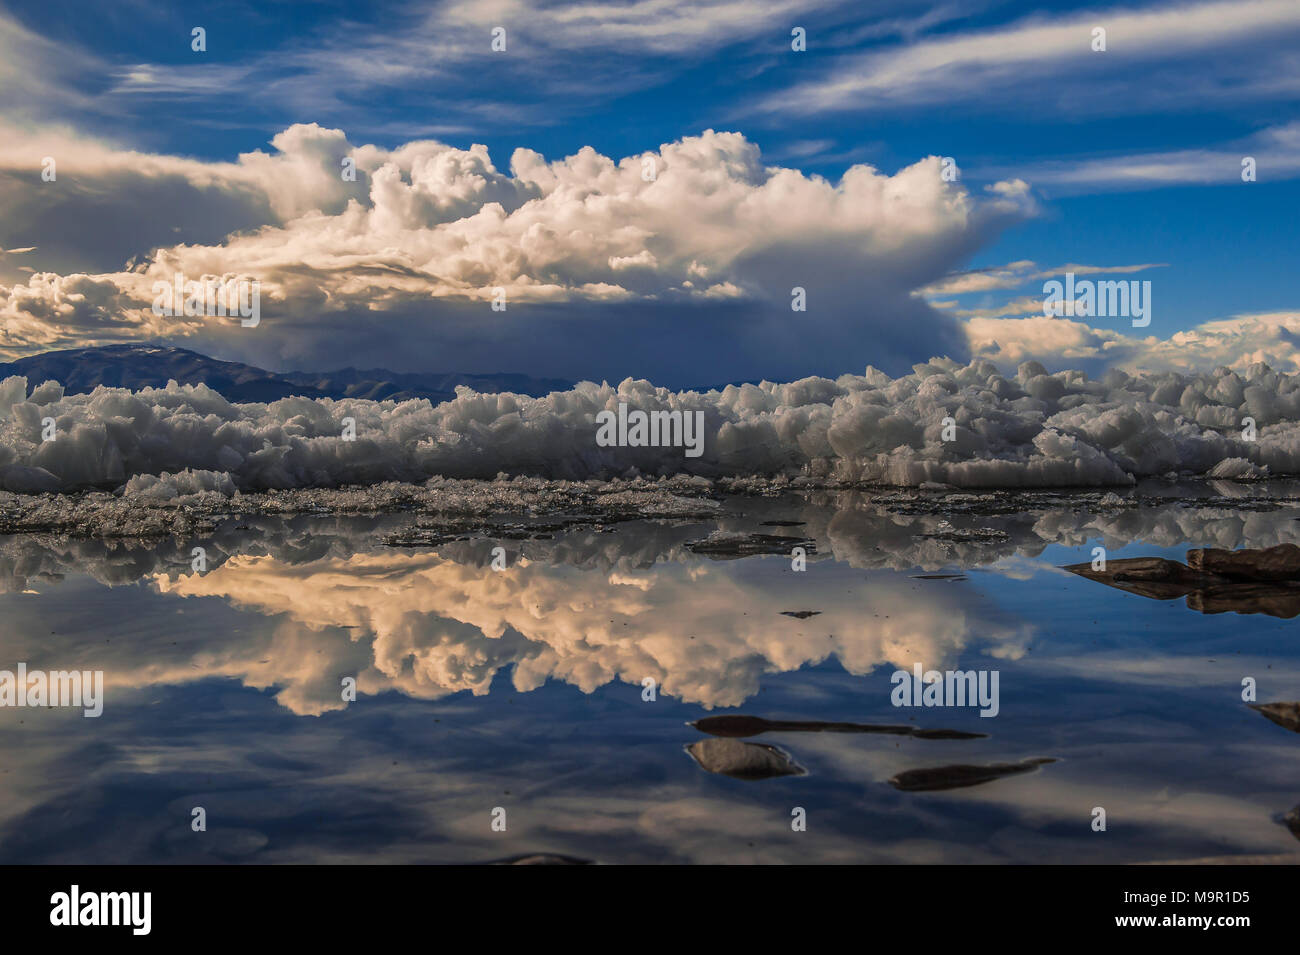 Les structures de glace avec de l'eau reflet à la Mongolie, le lac Khuvsgul Photo Stock